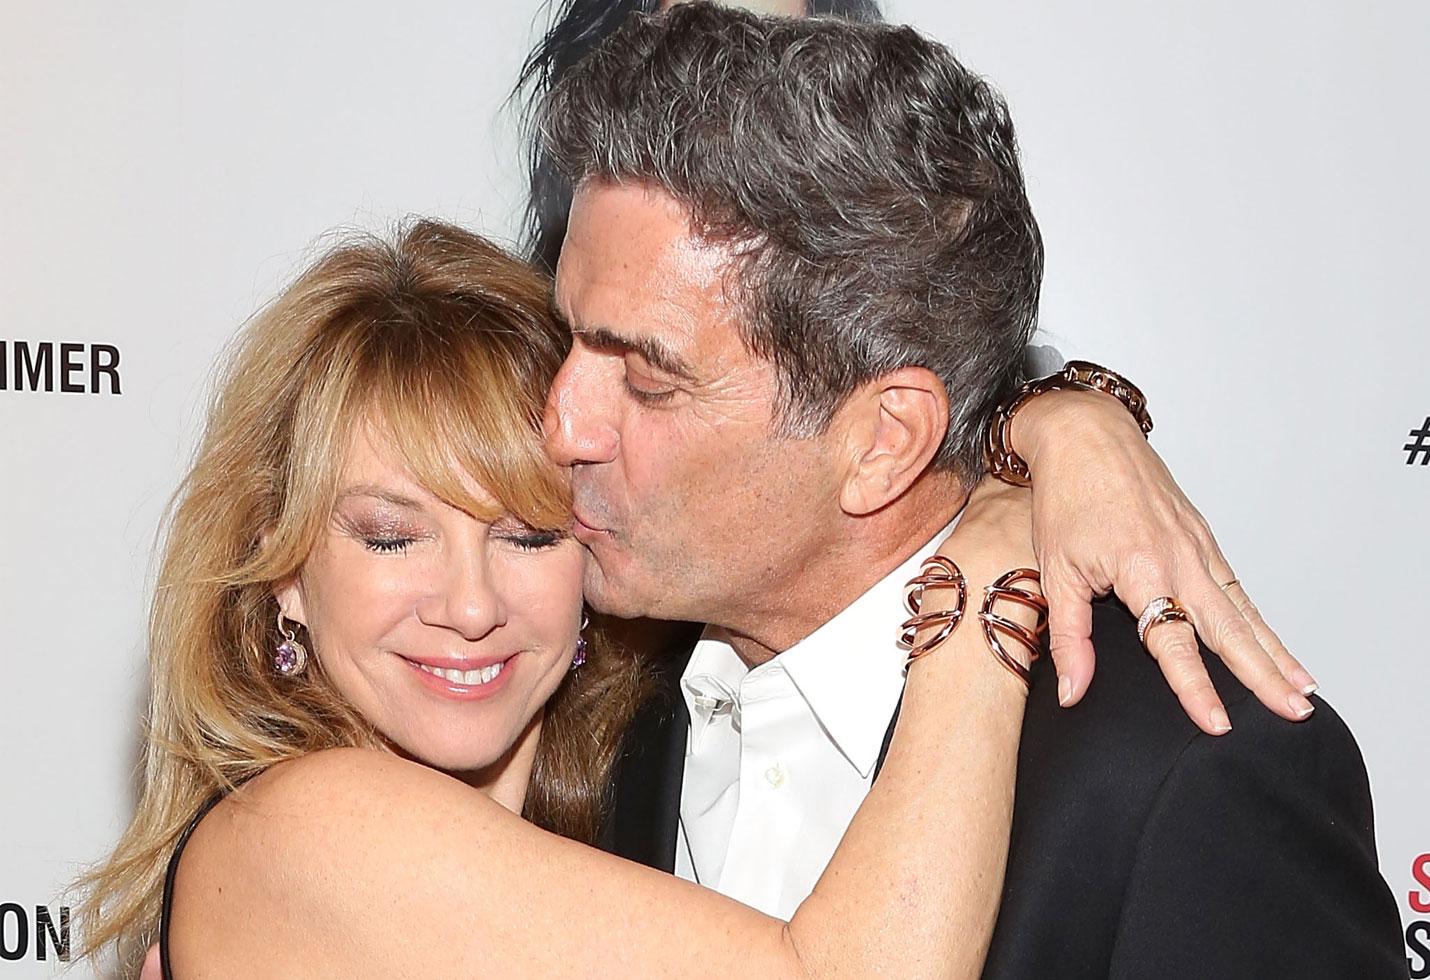 Rhony ramona singer dating ex-husband mario